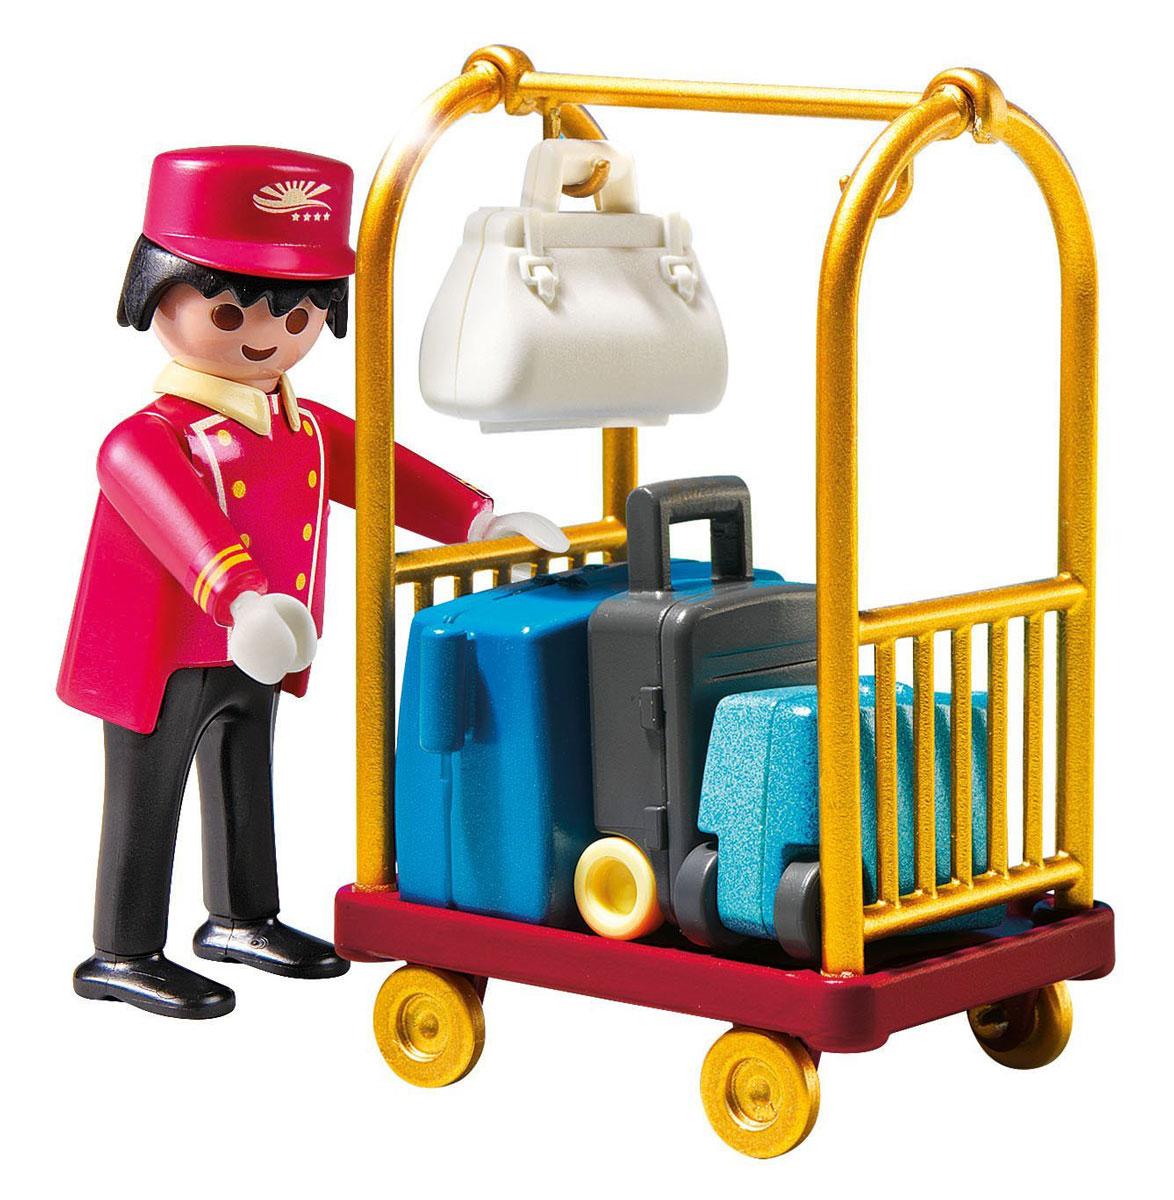 Playmobil Игровой набор Отель Носильщик с чемоданами5270pmИгровой набор Playmobil Отель: Носильщик с чемоданами – это интересный и увлекательный игровой конструктор, который порадует любого ребенка. Фигурка приветливого носильщика, одетого в специальную униформу, разнообразит действия и сюжет захватывающей игры. В набор входит: две дорожные сумки, большой чемодан с выдвижной ручкой, тележка на колесиках. Игровые наборы Playmobil помогают детям освоить особенности новой для них профессии, учат вежливости, этикету и приему гостей.